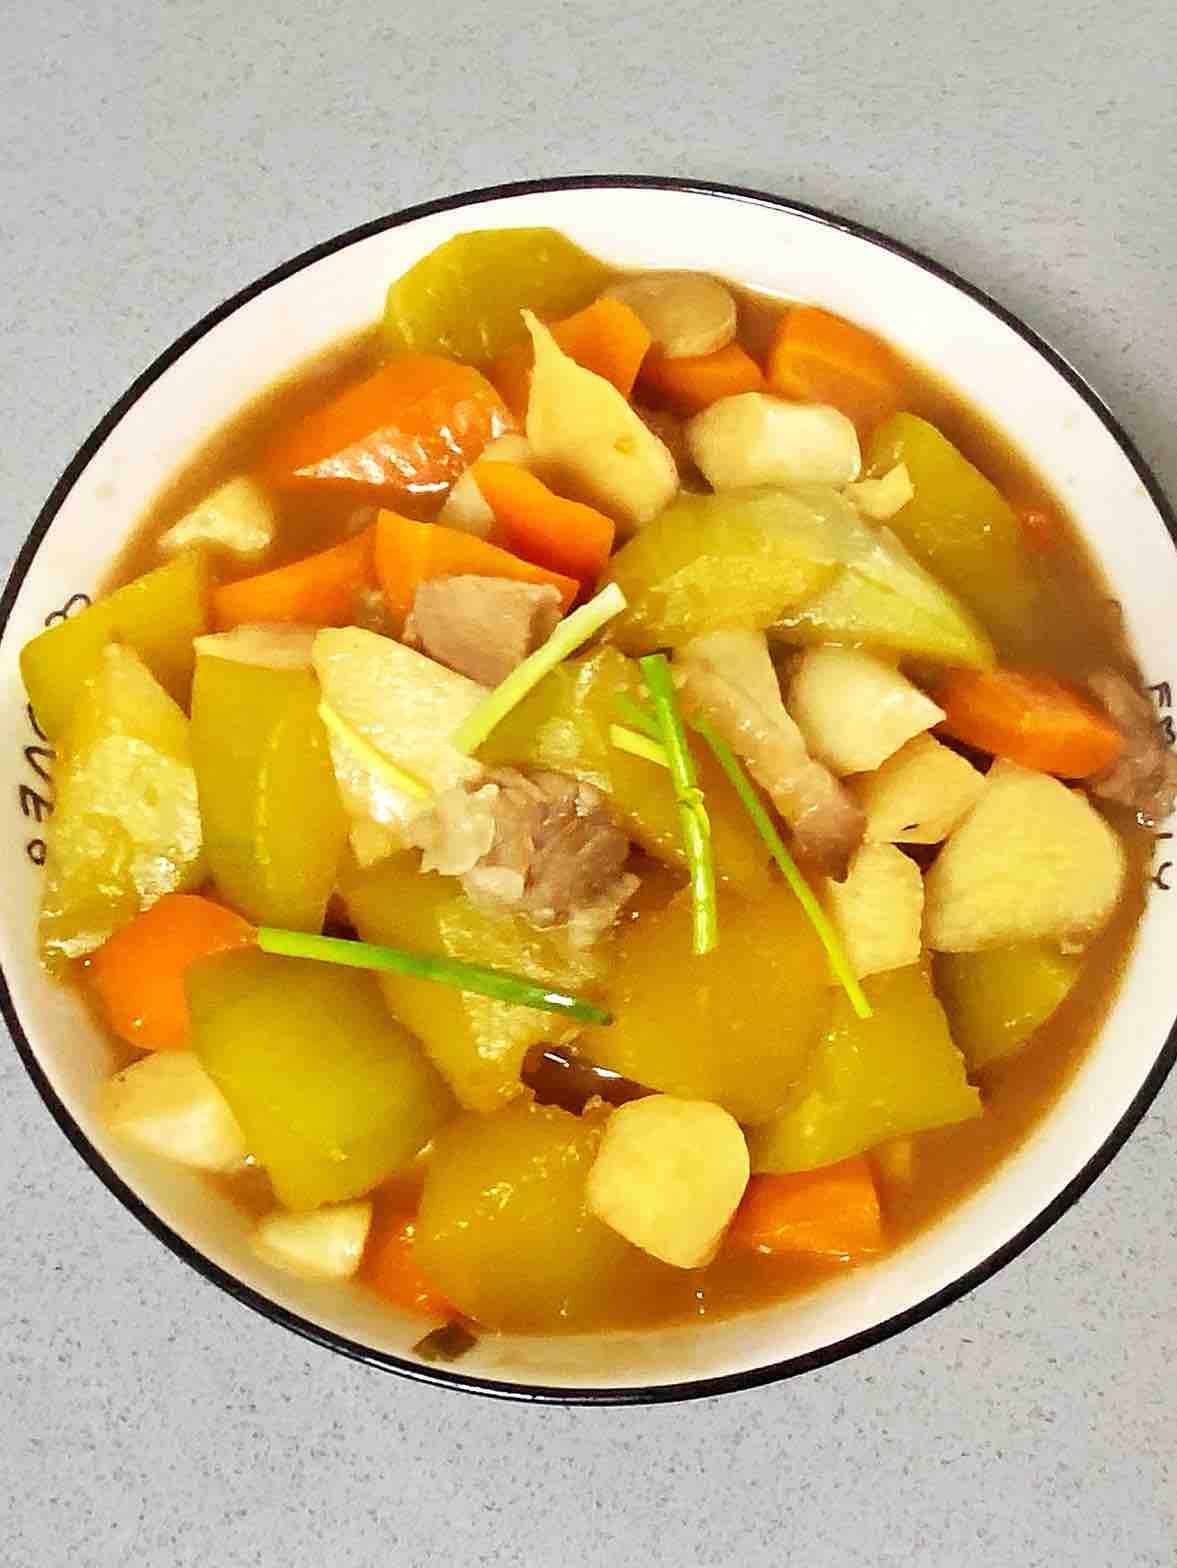 【孕妇食谱】鲍汁茭白焖南瓜,鲜味十足,香甜可口~的做法